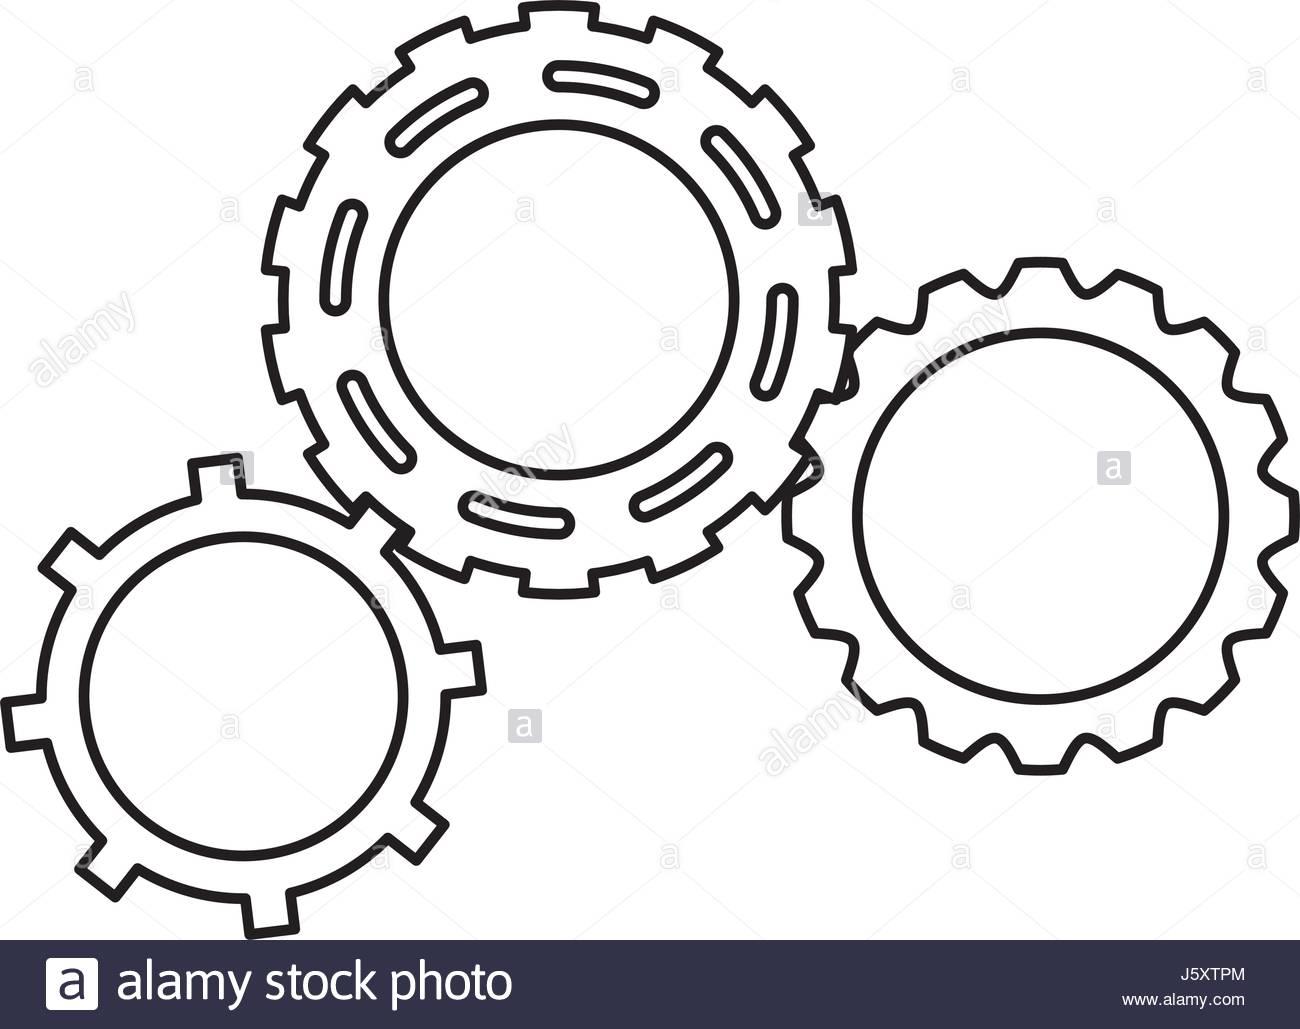 1300x1029 Gears Engineering Mechanical Wheel Cogs Stock Vector Art